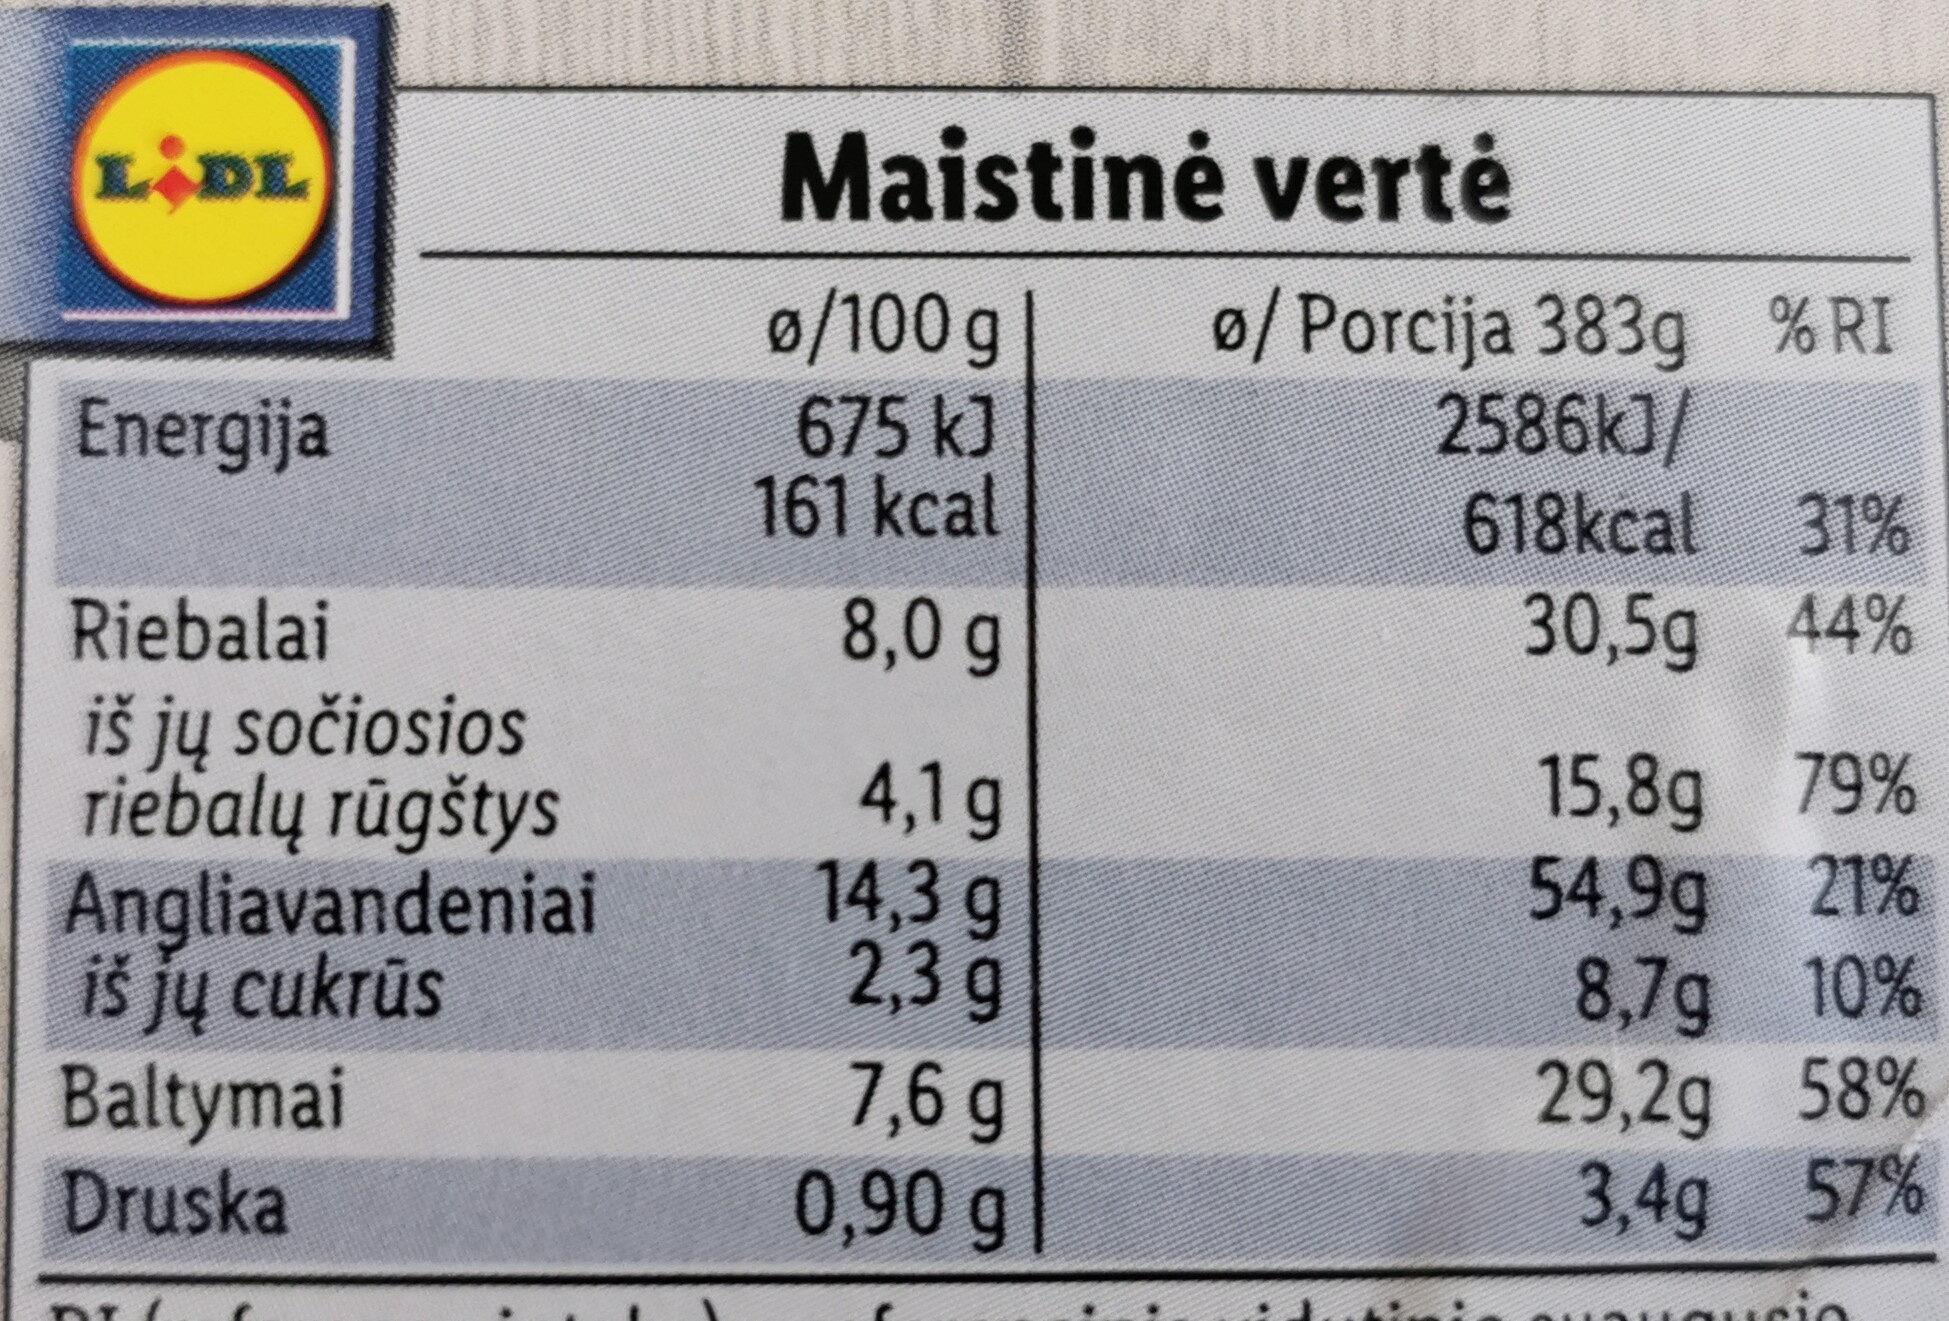 Bolonijos lazanija su Bolonijos padažu ir kreminio baltojo padažu - Nutrition facts - lt